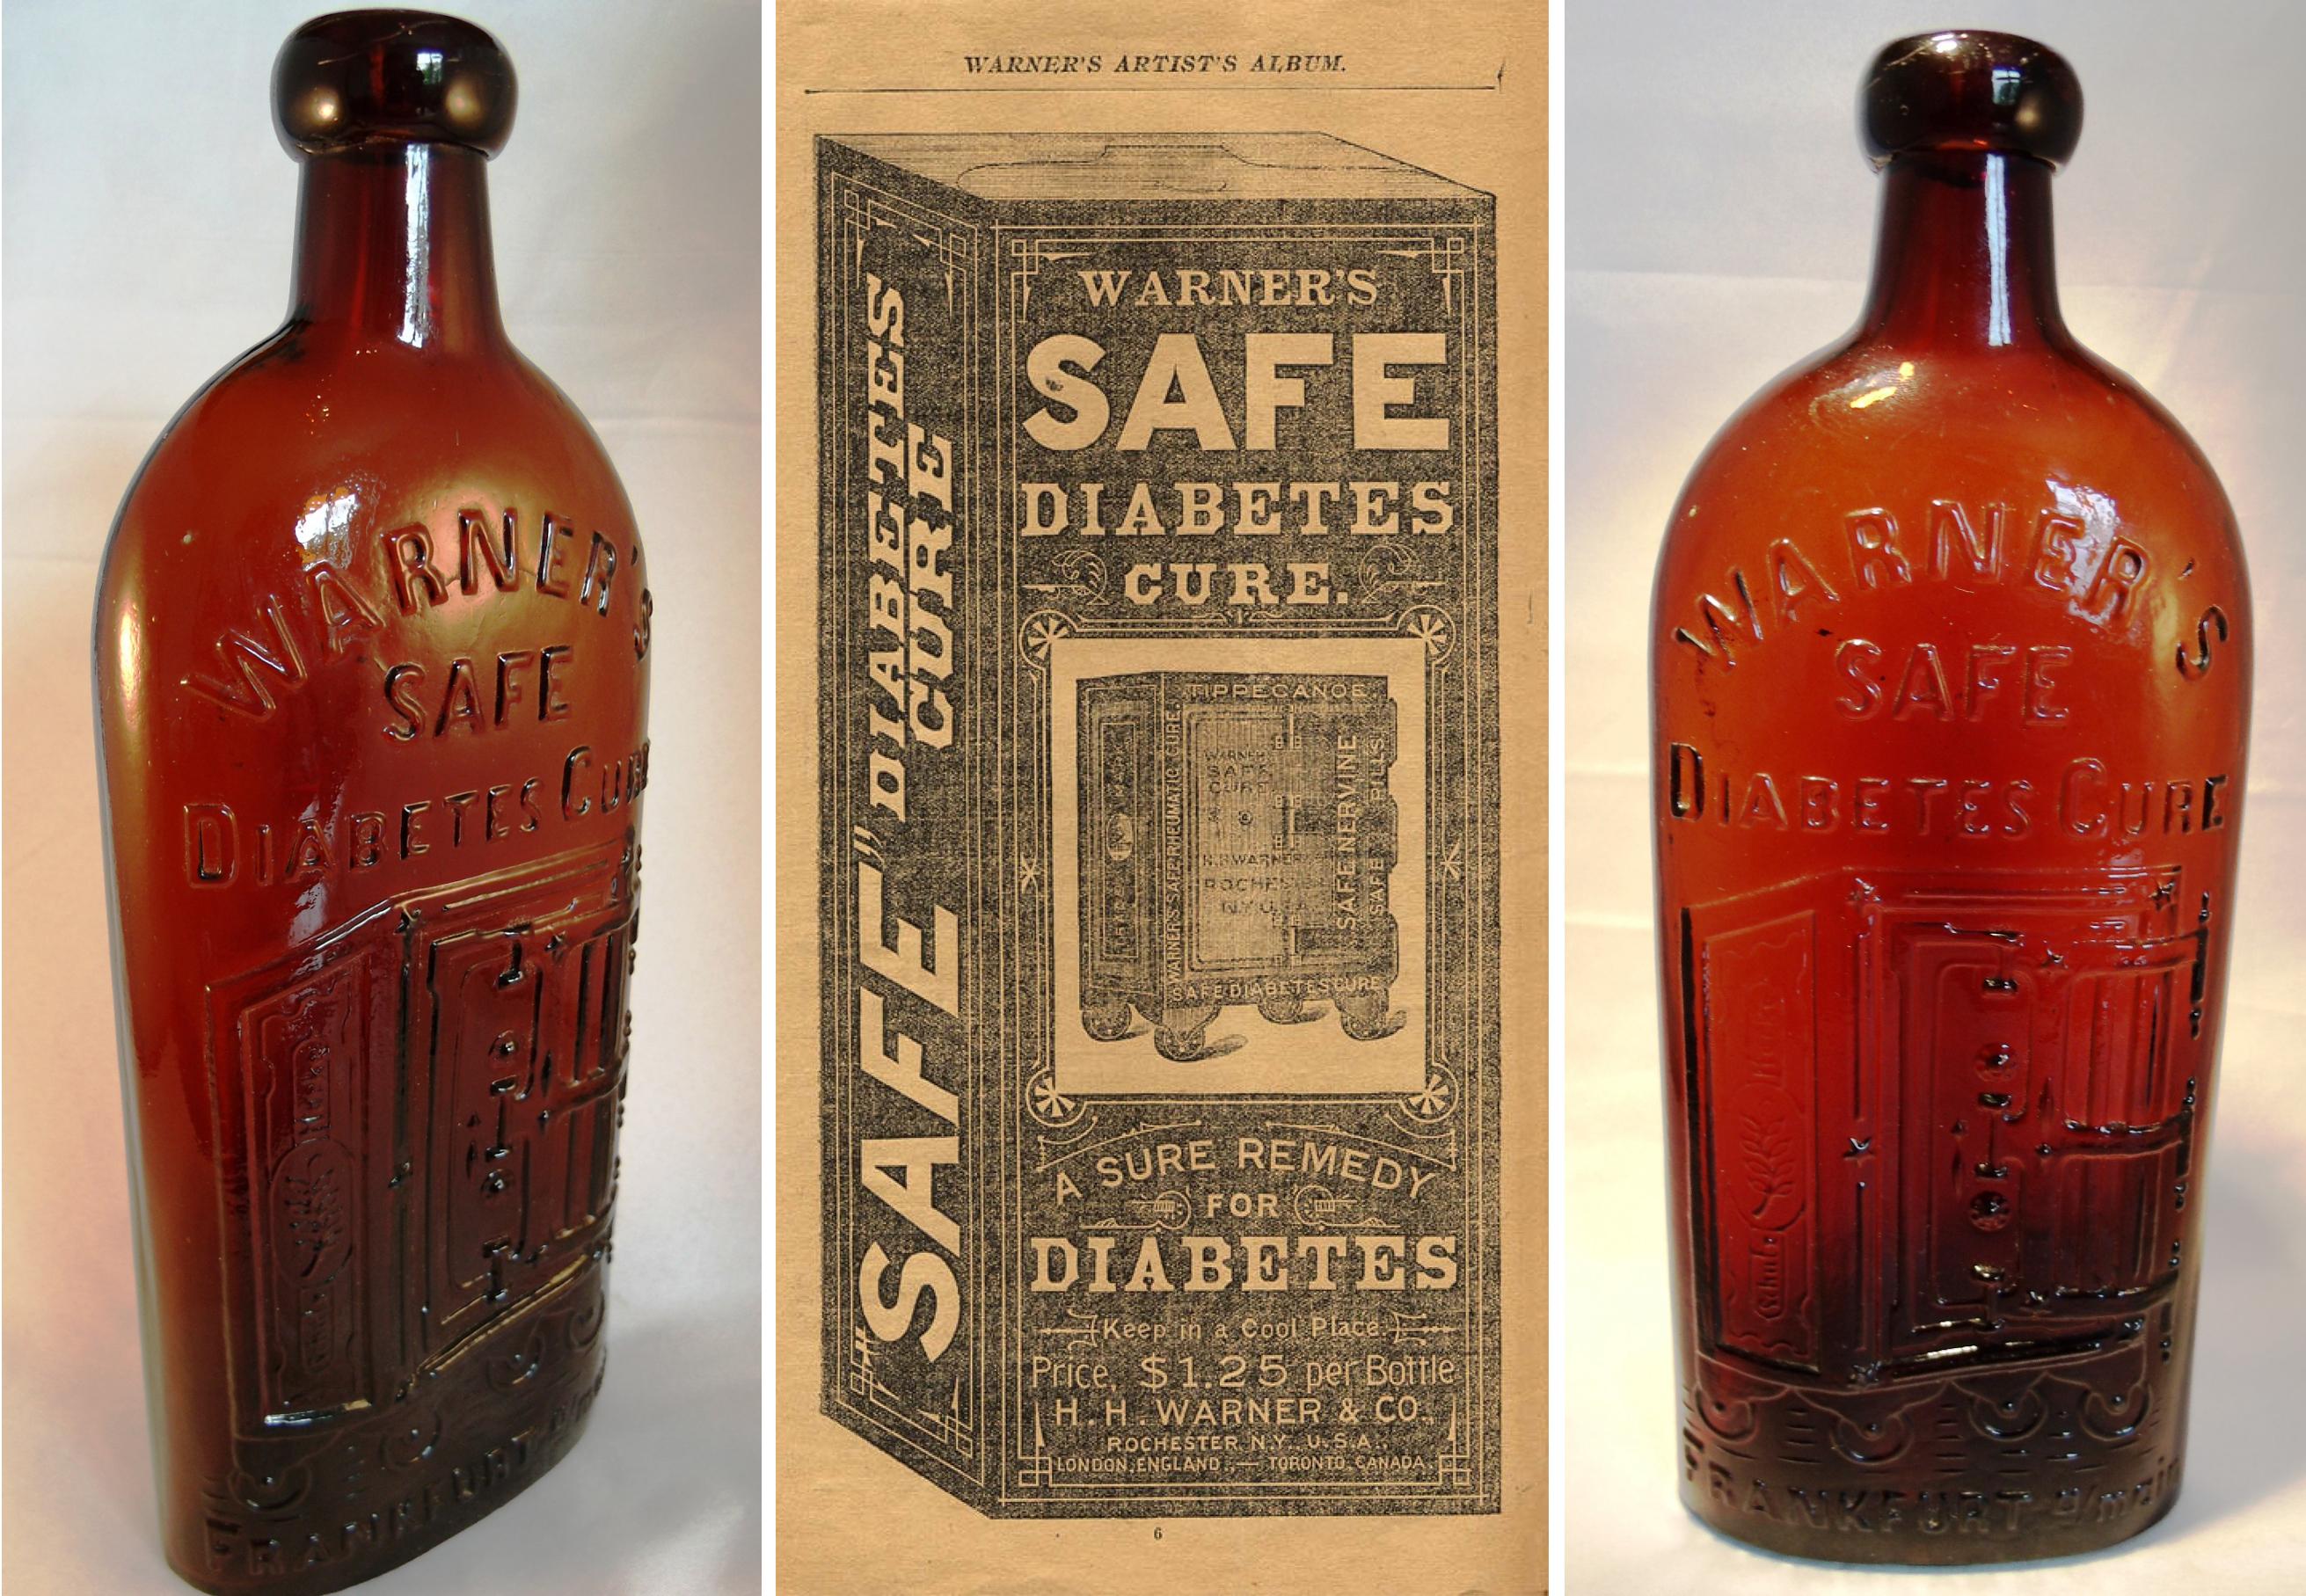 WarnersSafeDiabeticCure